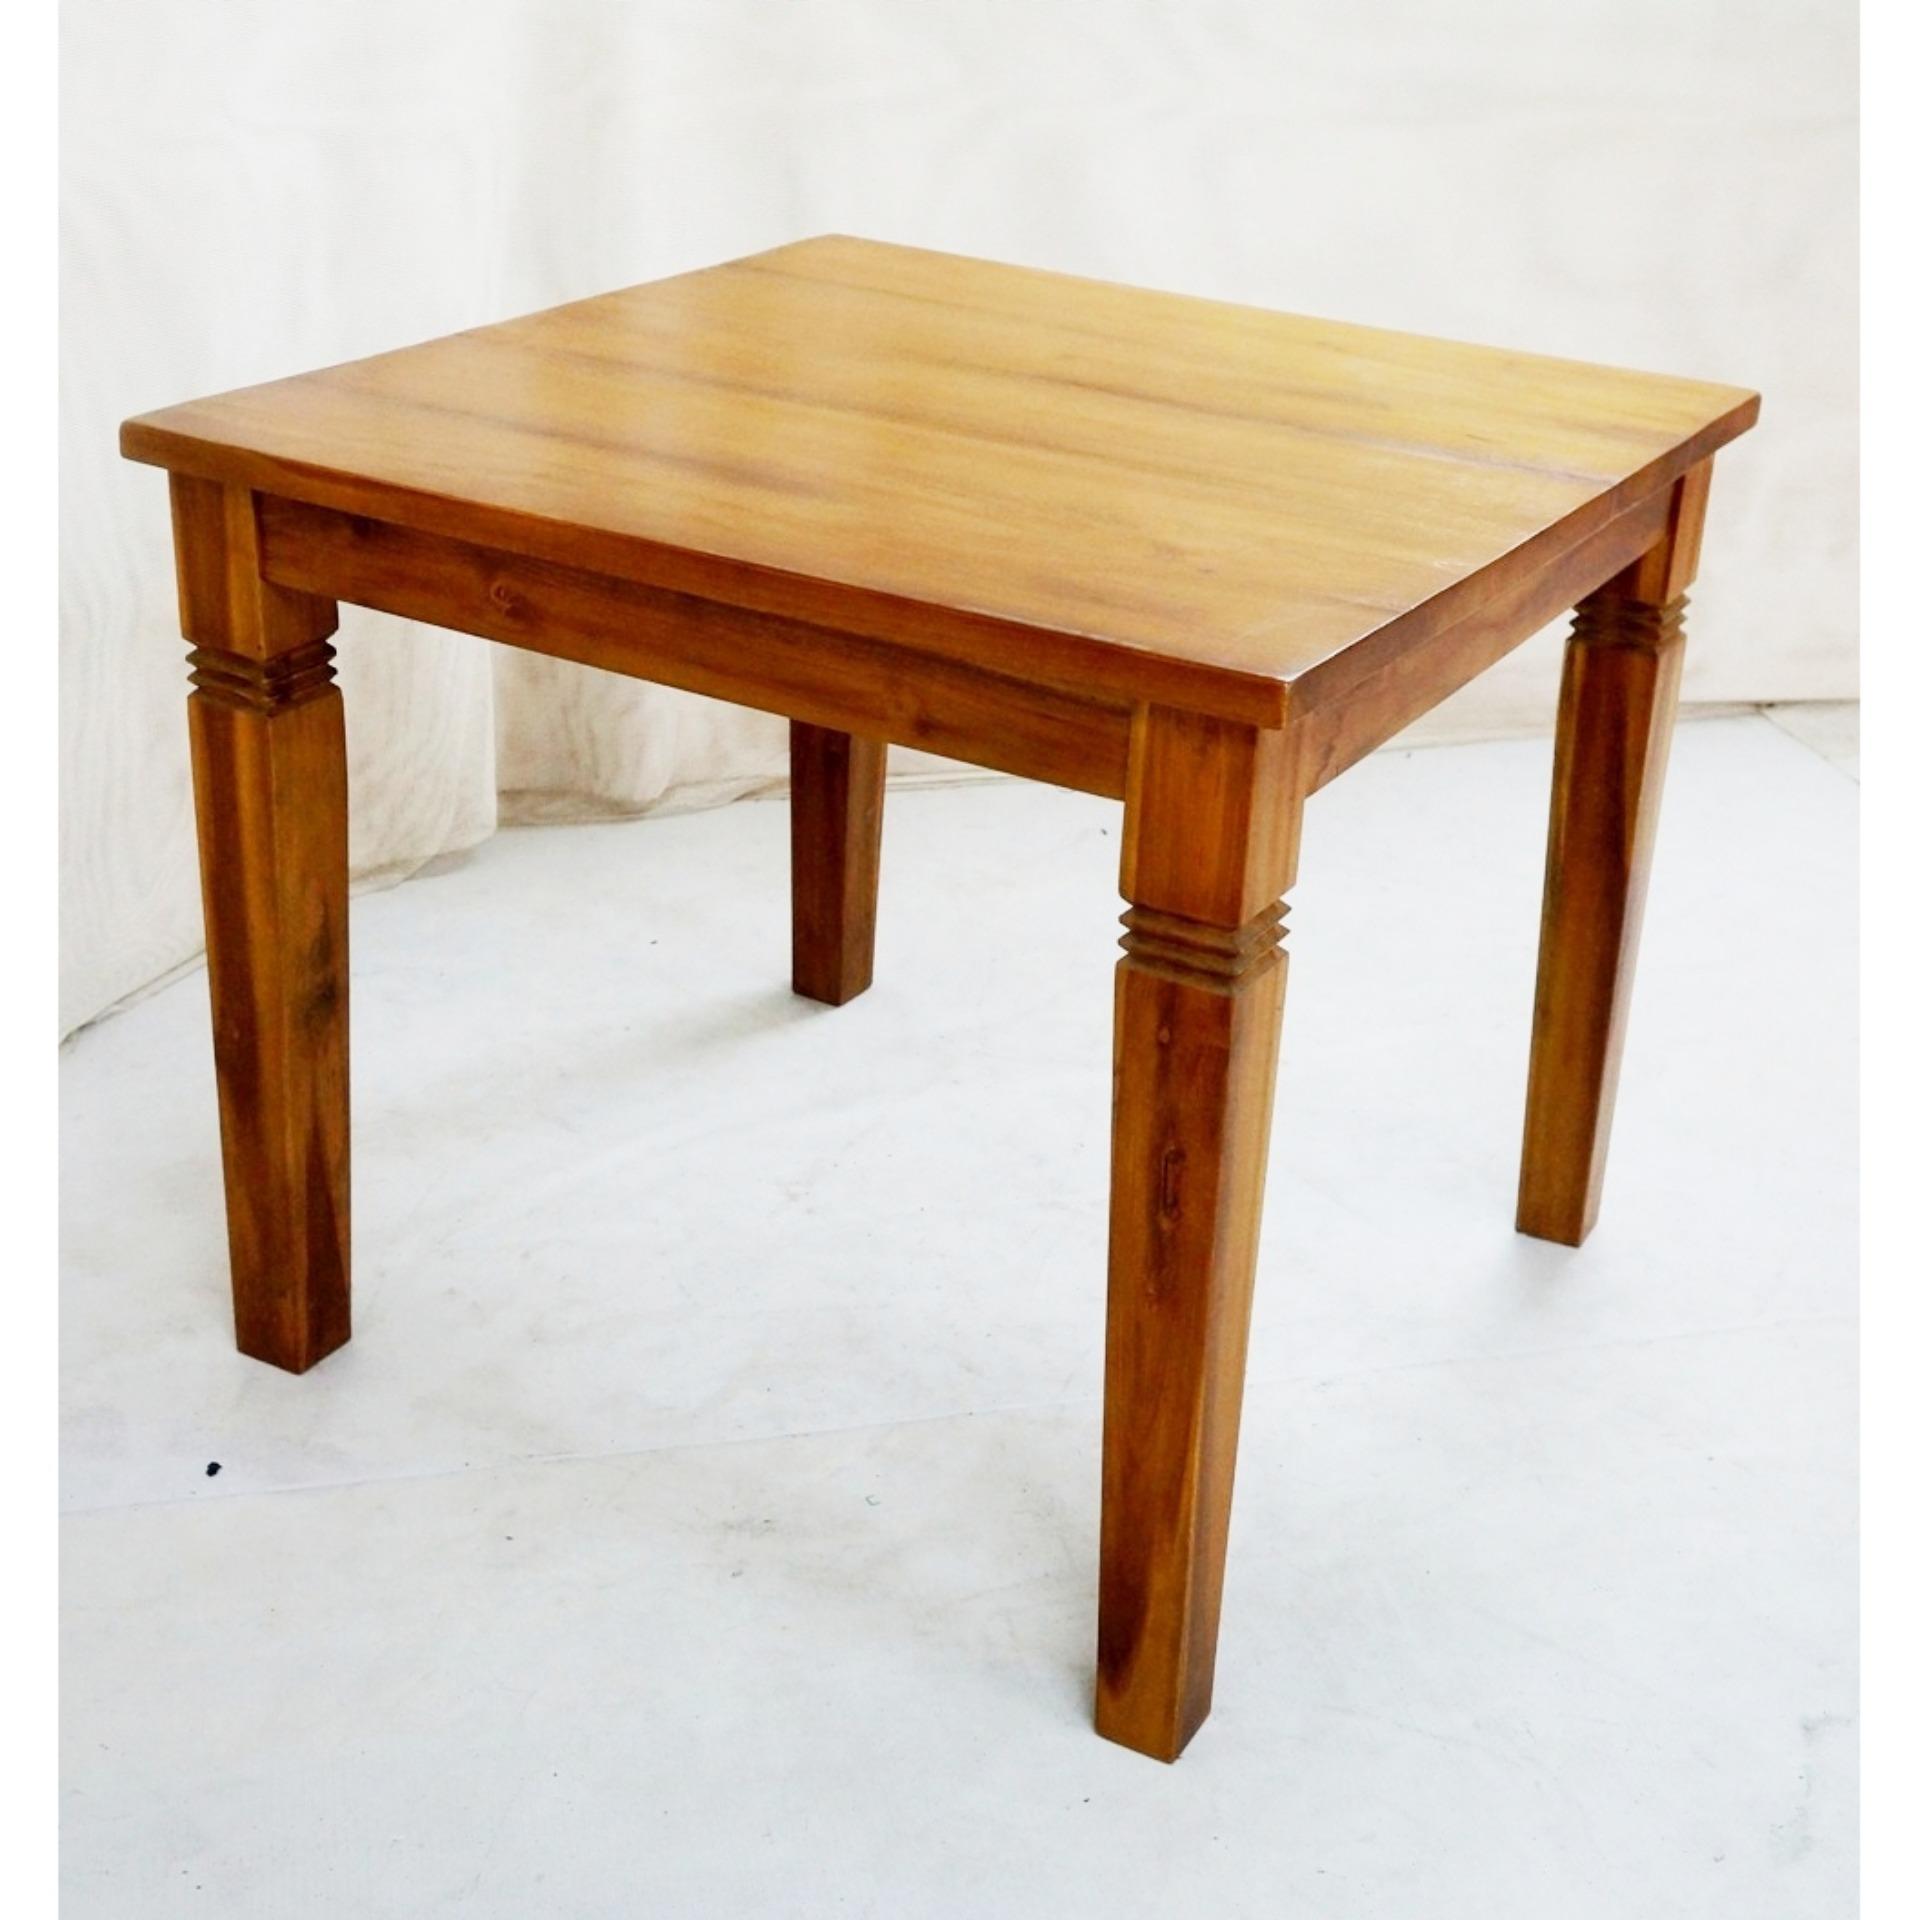 ... Linden Teak Handcrafted Solid Teak Wood Fixblock Dining Table 90x90  Furniture (Gold TeakSeries Indoor Design ...